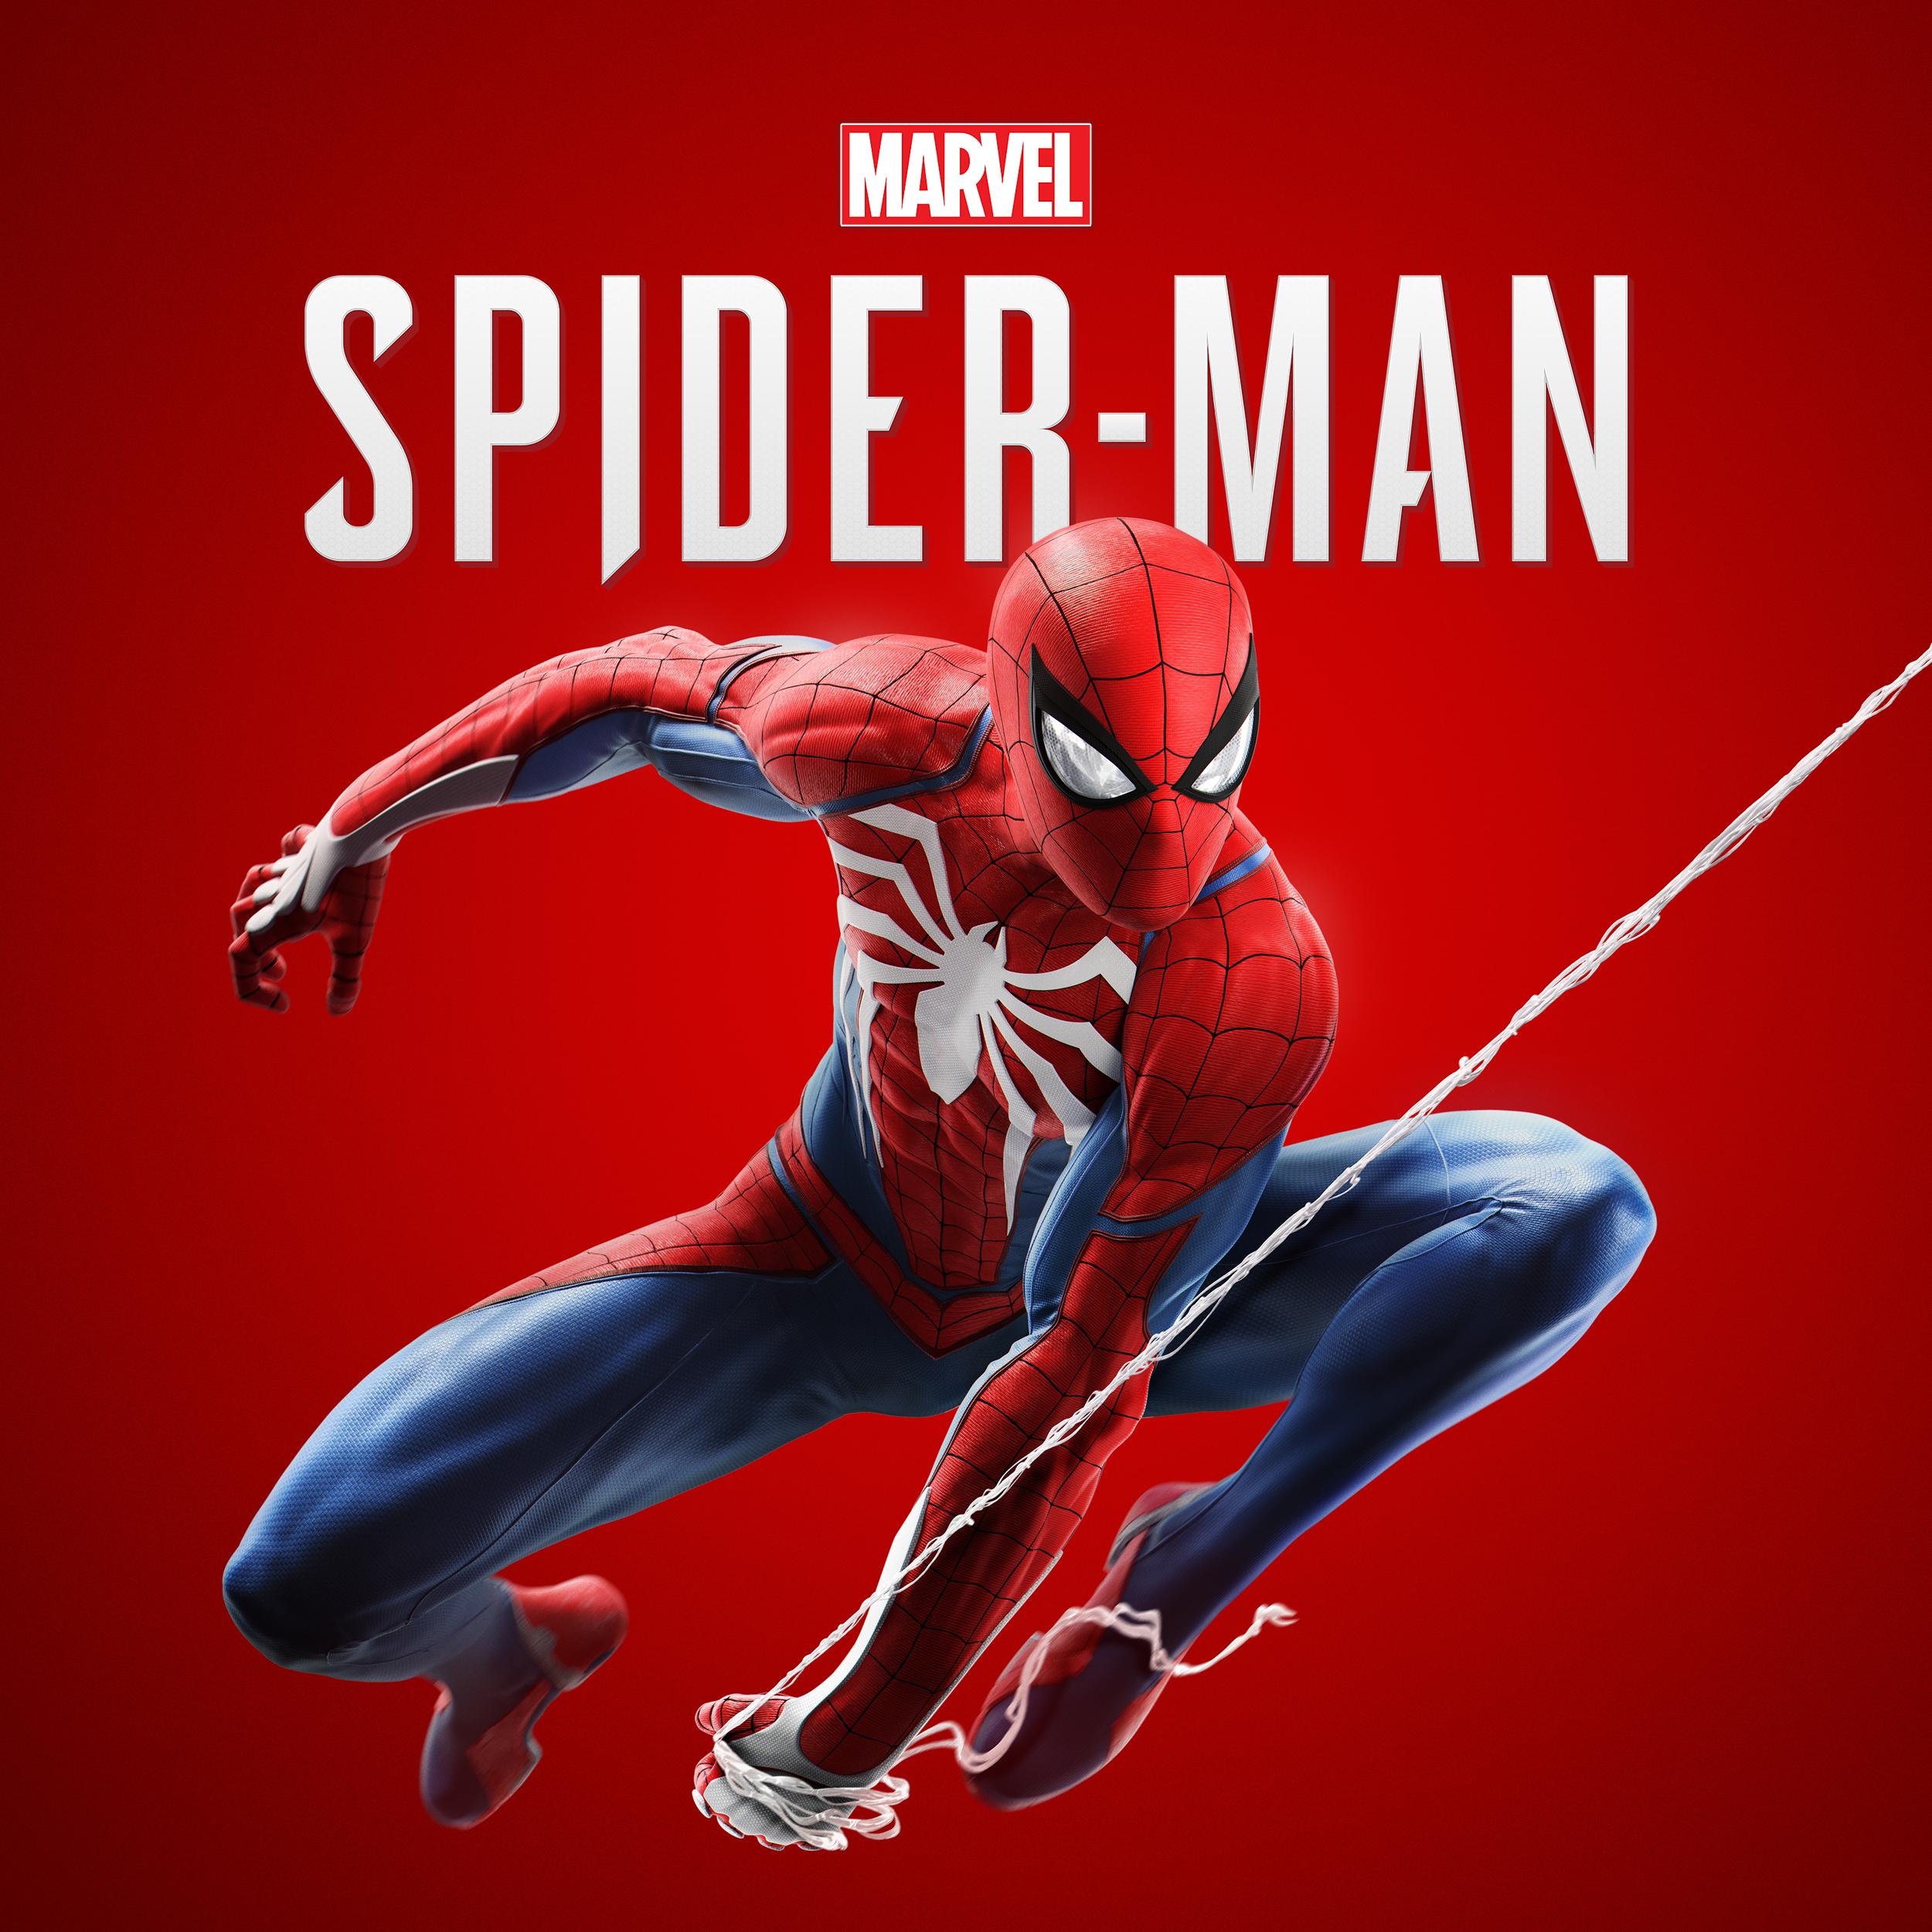 Marvel's Spider-Man | Marvel's Spider-Man Wiki | FANDOM